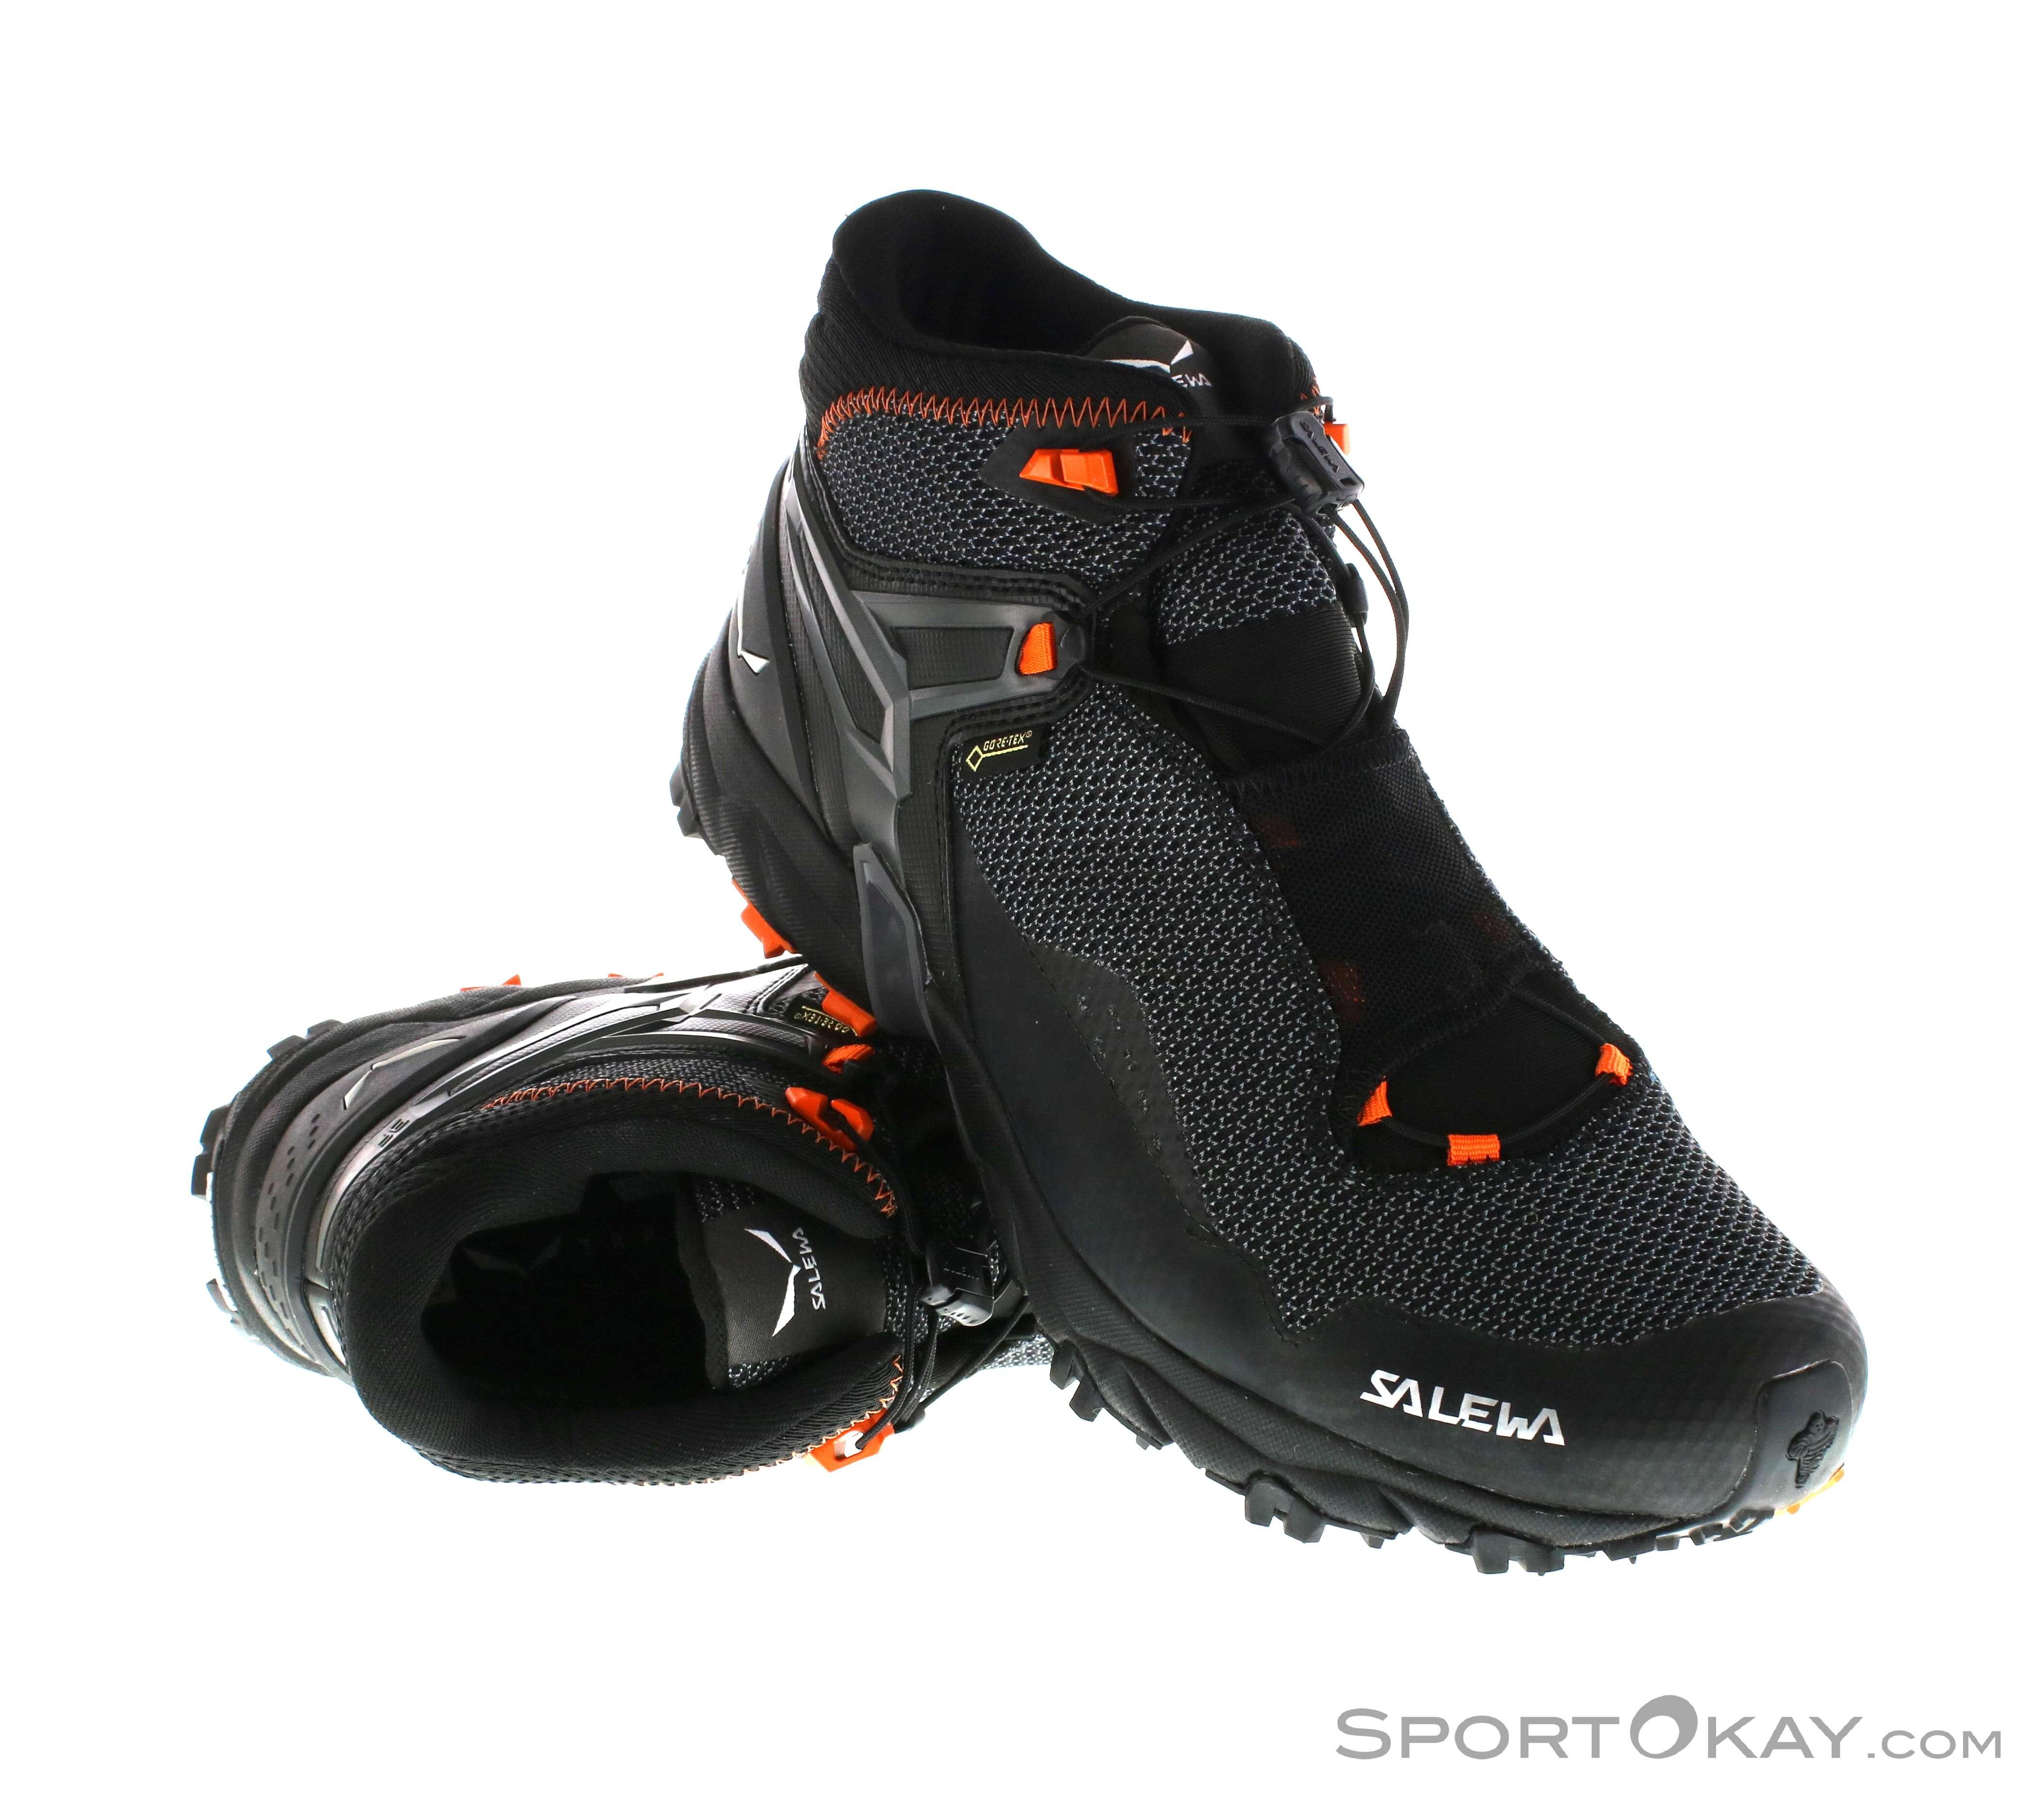 Salewa Ultra Flex Mid GTX Scarpe da Trail Running Gore-Tex - Scarpe ... 5e8630554f2